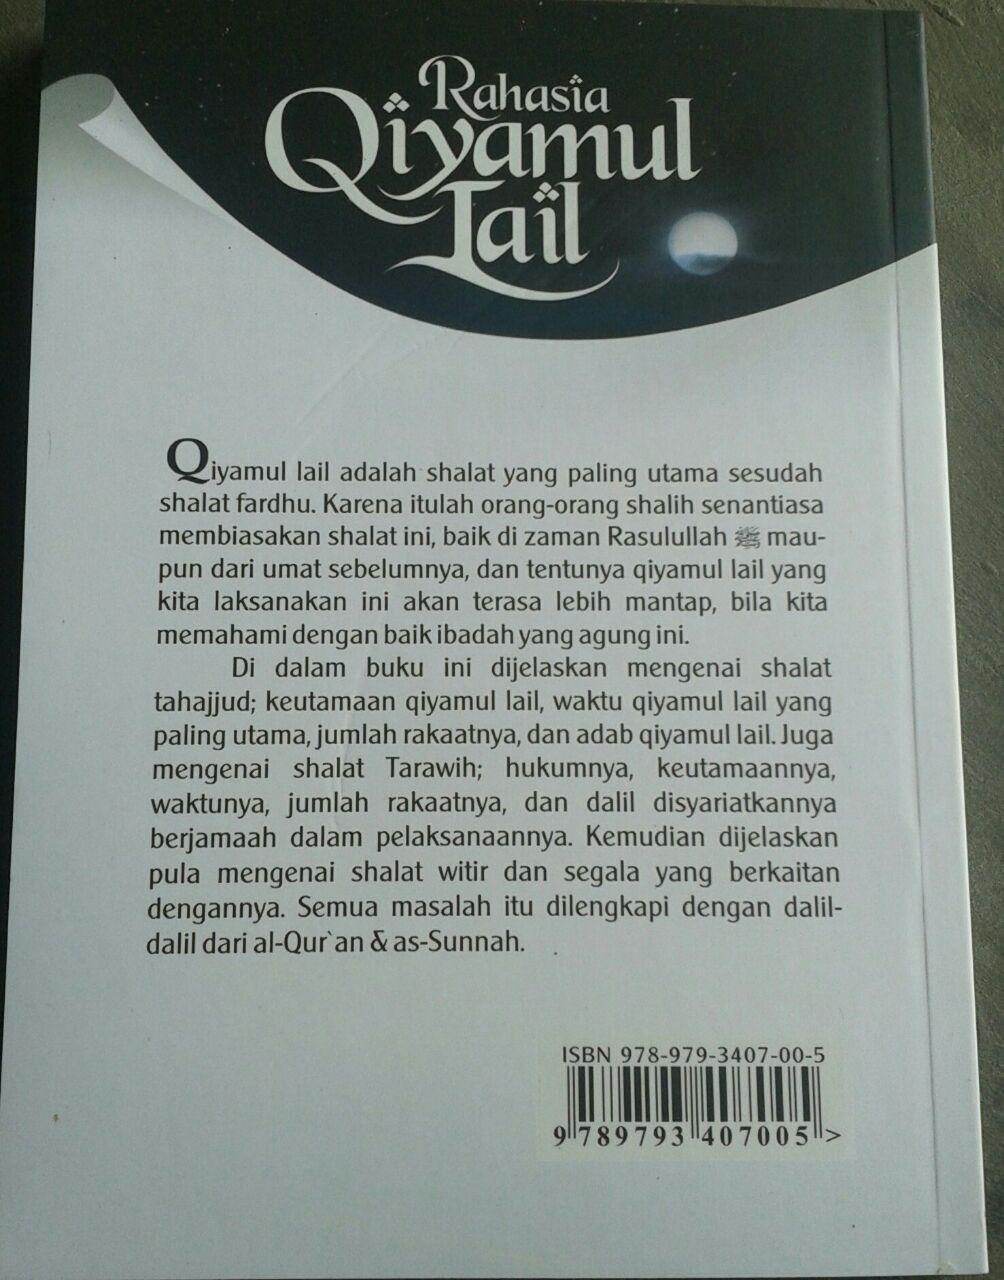 Buku Qiyamul Lail Hukum Tata Cara Dan Keutamaannya cover 2